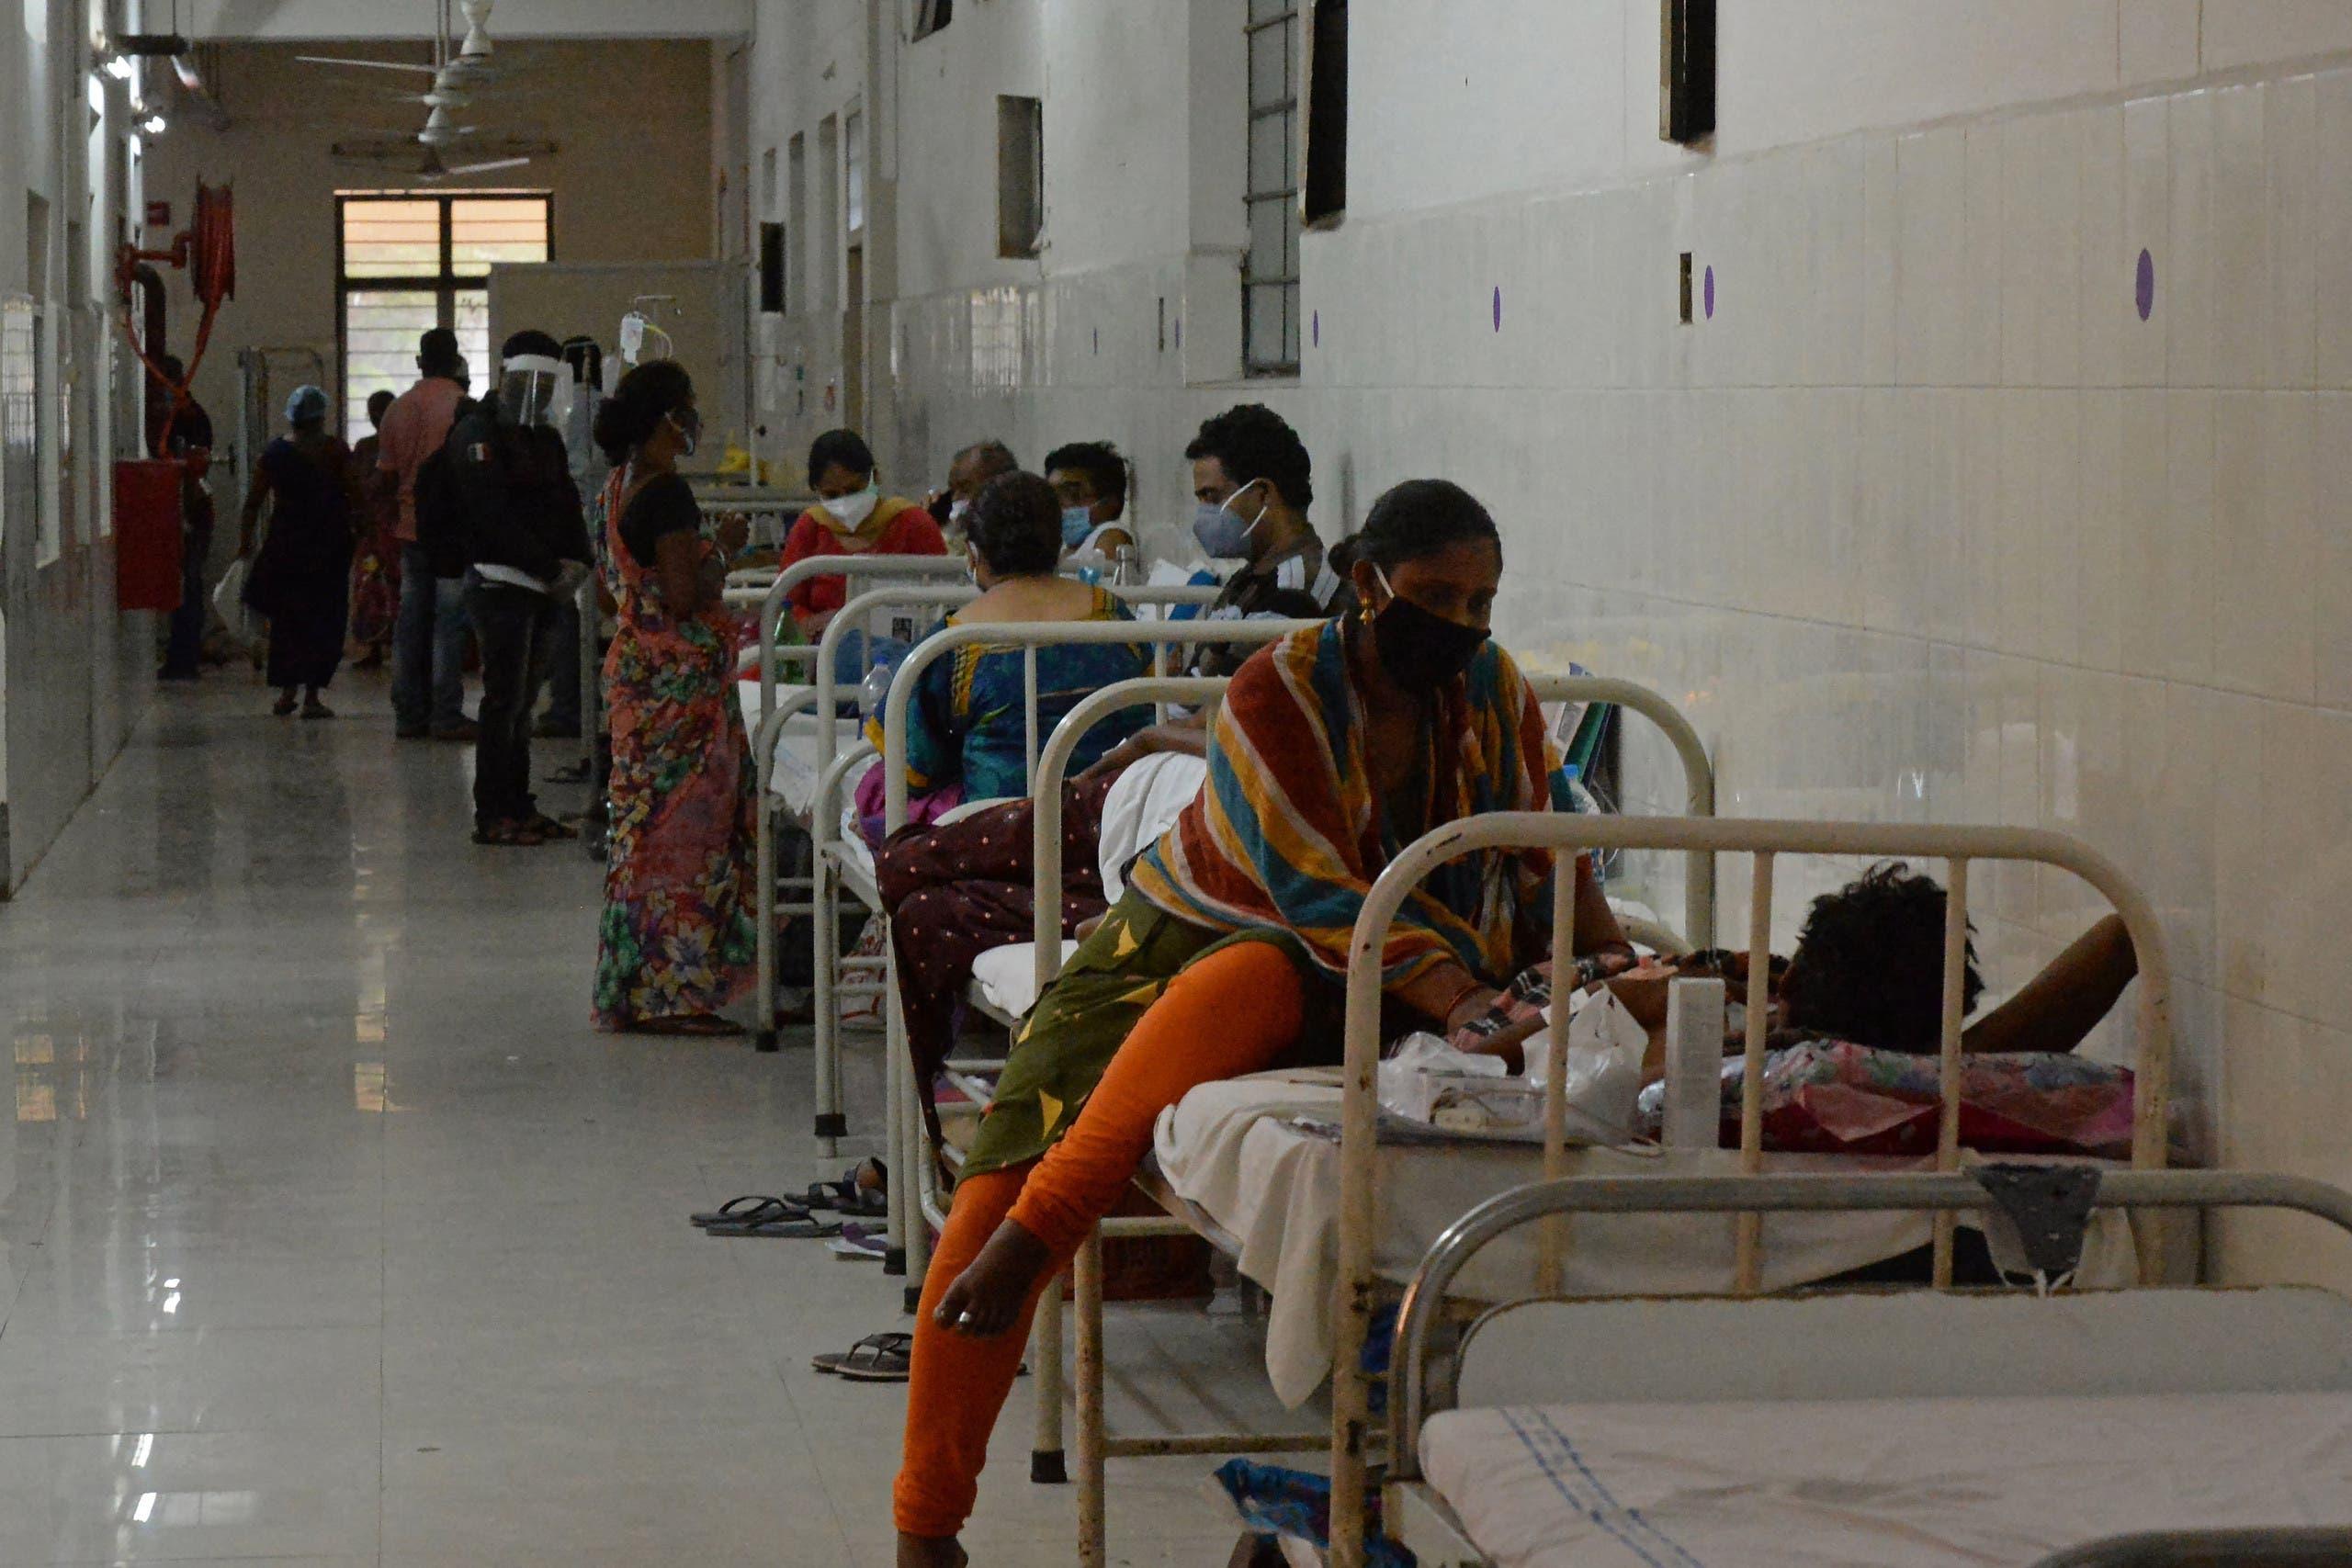 تخصيص جناح في مستشفى في حيدر أباد للمصابين بالفطر الأسود